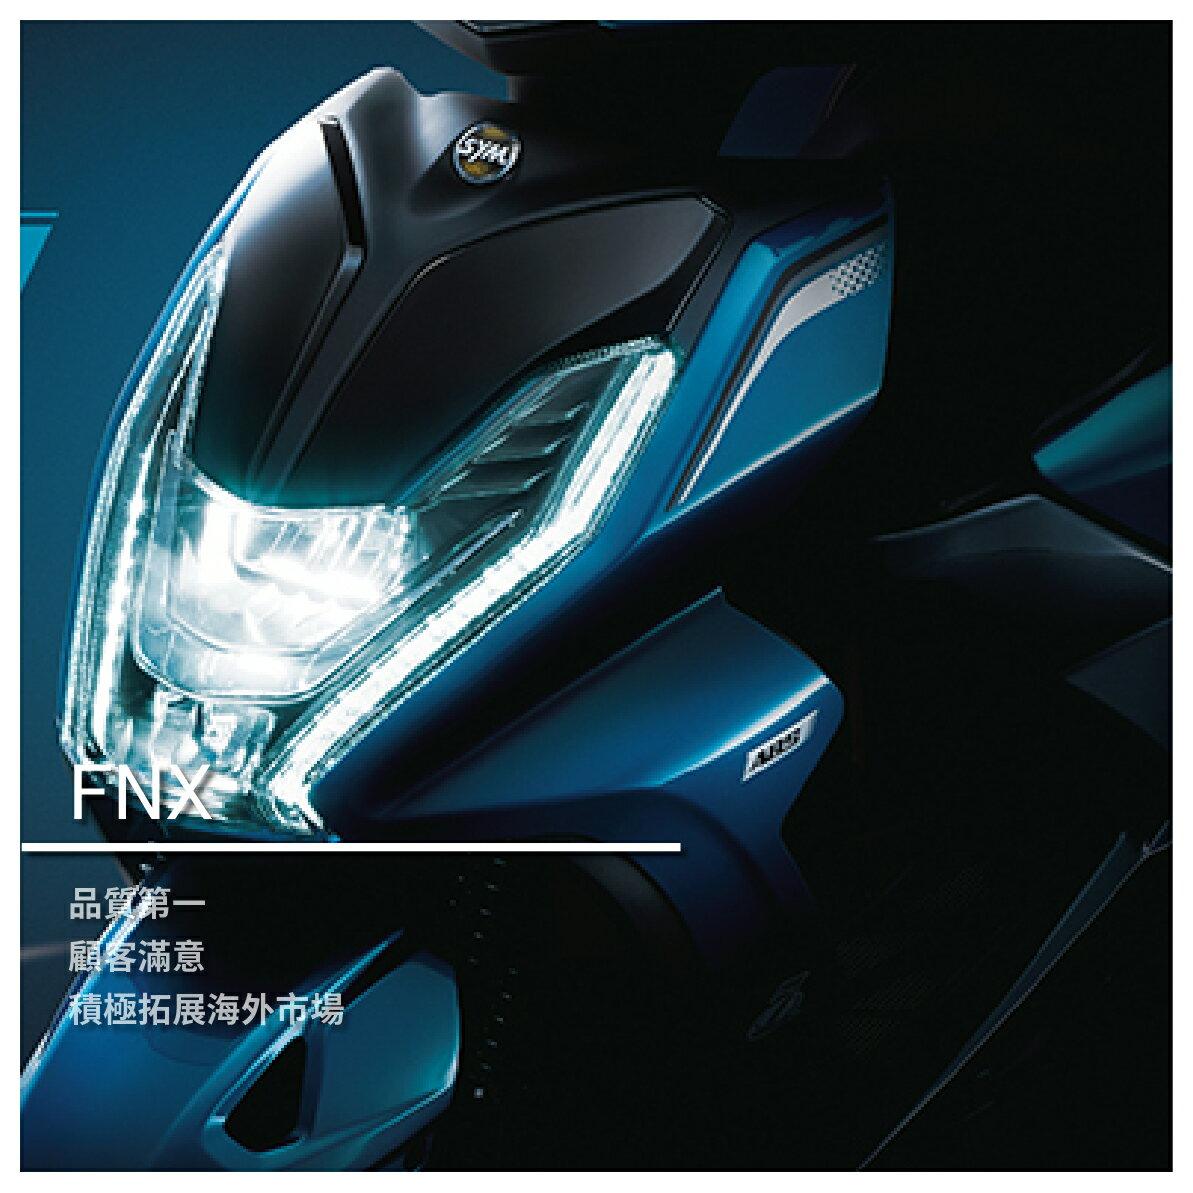 【SYM三陽機車-鋐安車業】FNX/91000起